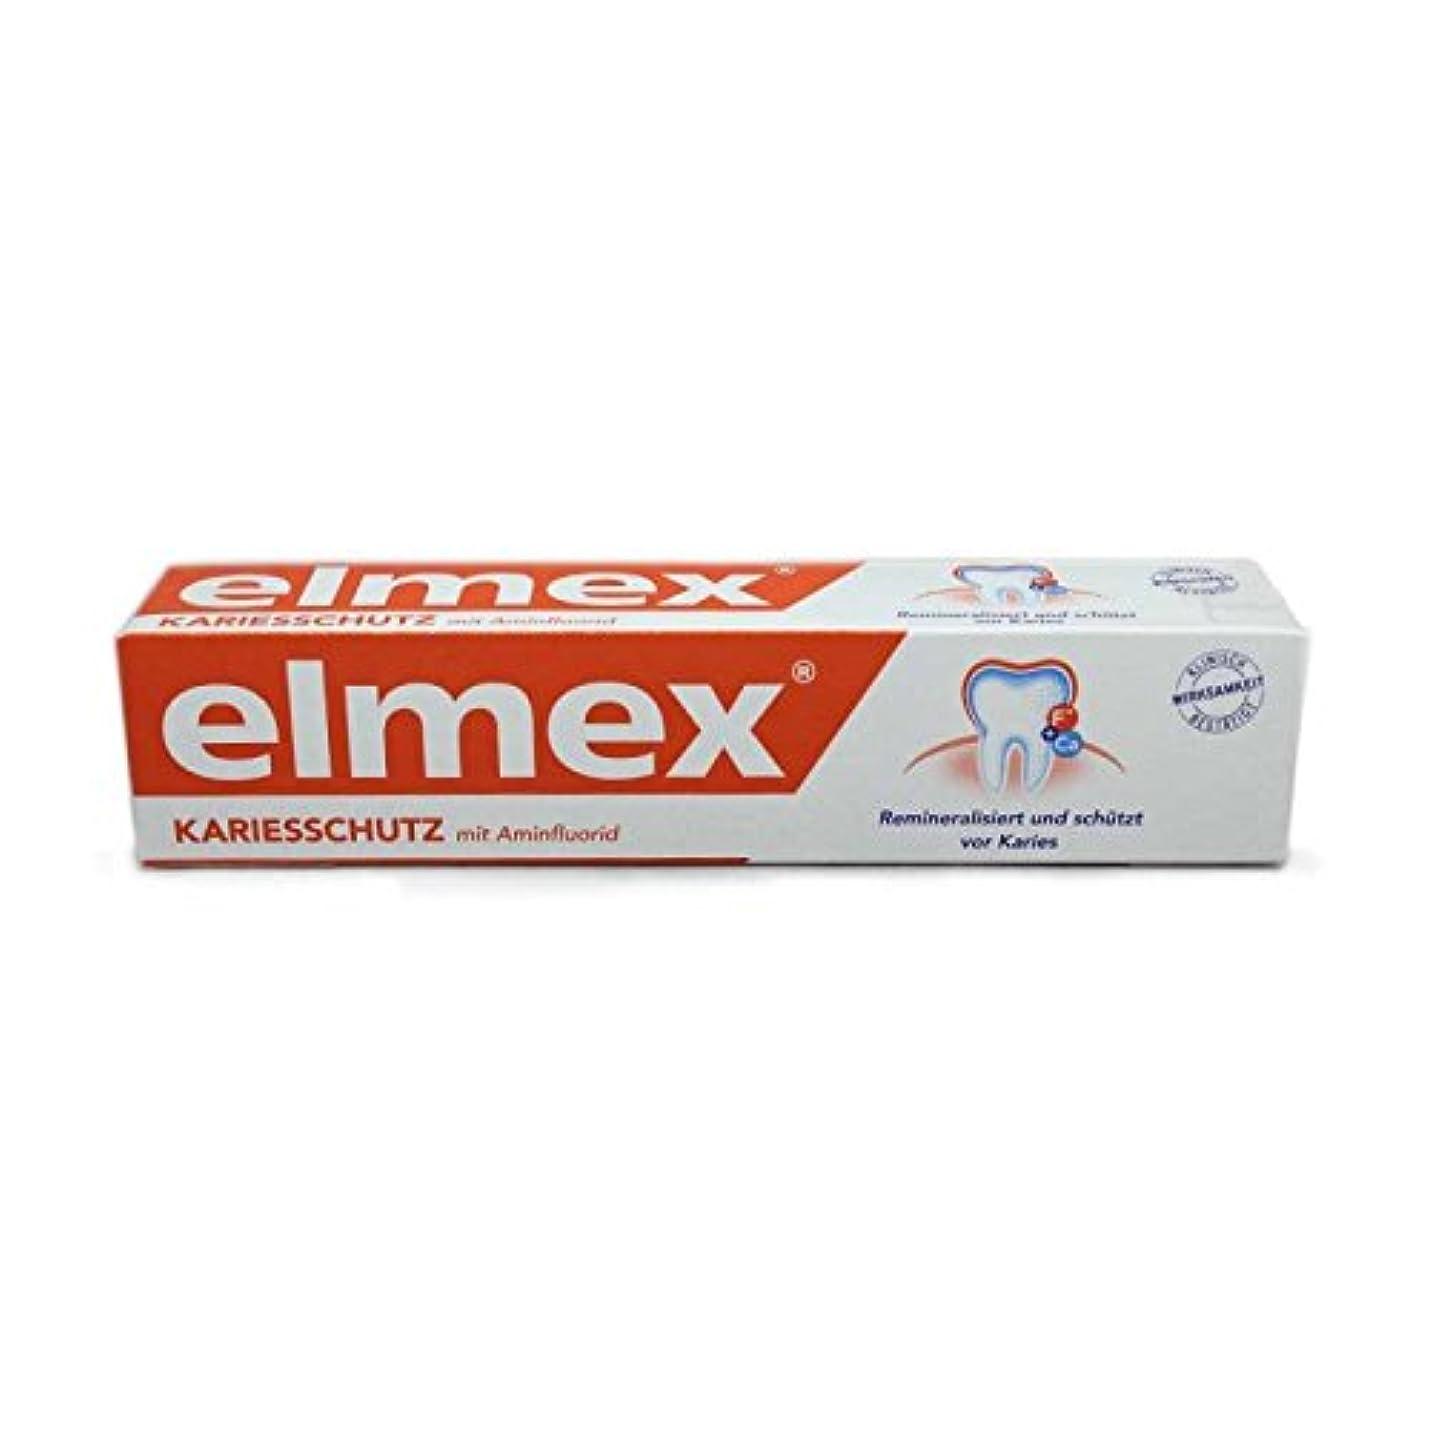 ヘッジアンペア矛盾するエルメックス 虫歯予防 歯磨き粉 Elmex Kariesschutz Toothpaste 75ml [並行輸入品]